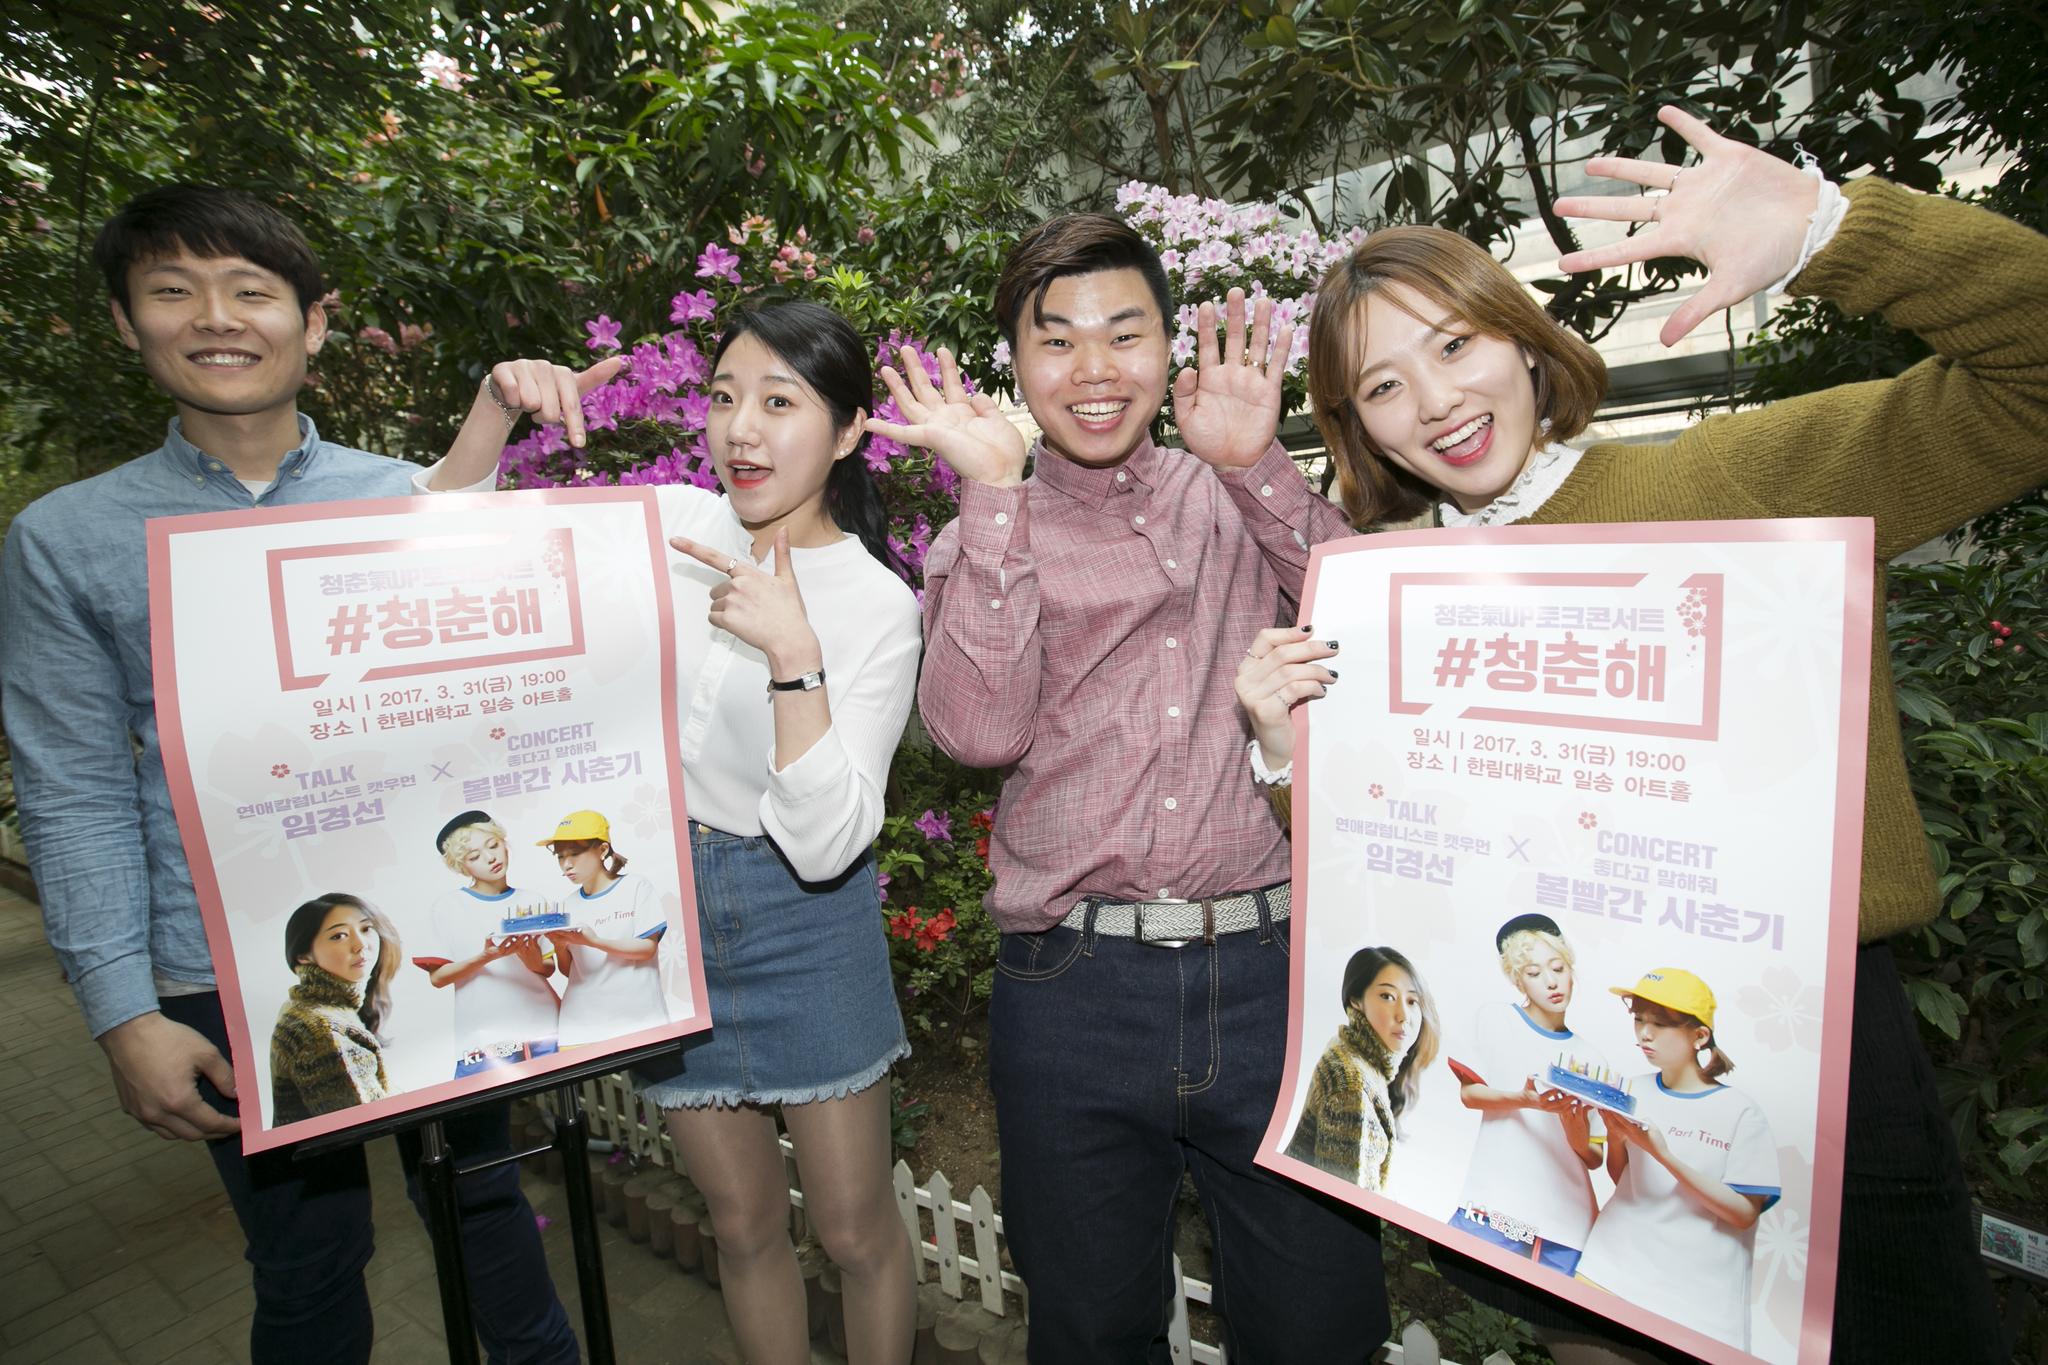 오는 31일 한림대 에서 열리는 KT 청춘氣UP 토크콘서트 '나는 너를 #청춘해'를 홍보하는 모습. [사진 KT]